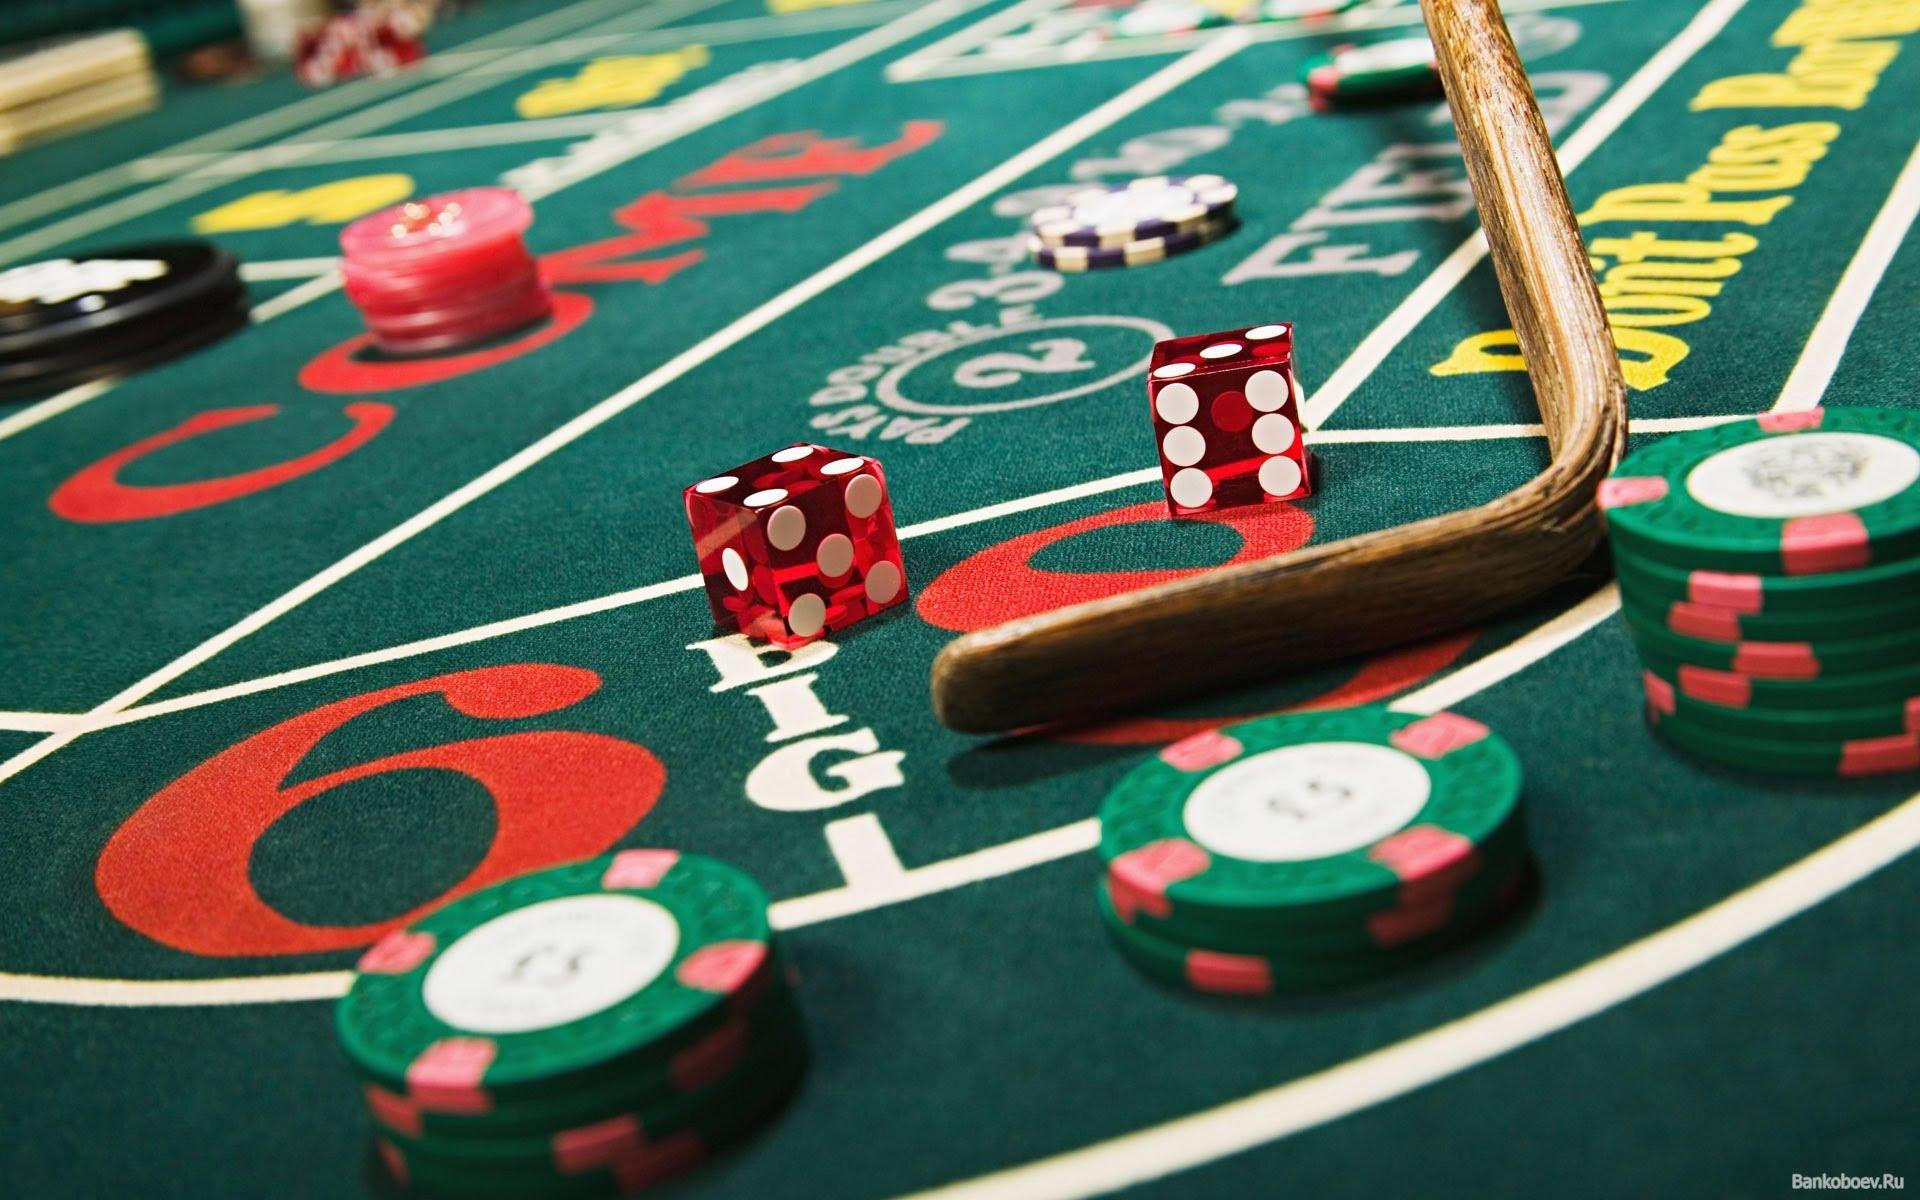 Consulter un site de poker en ligne